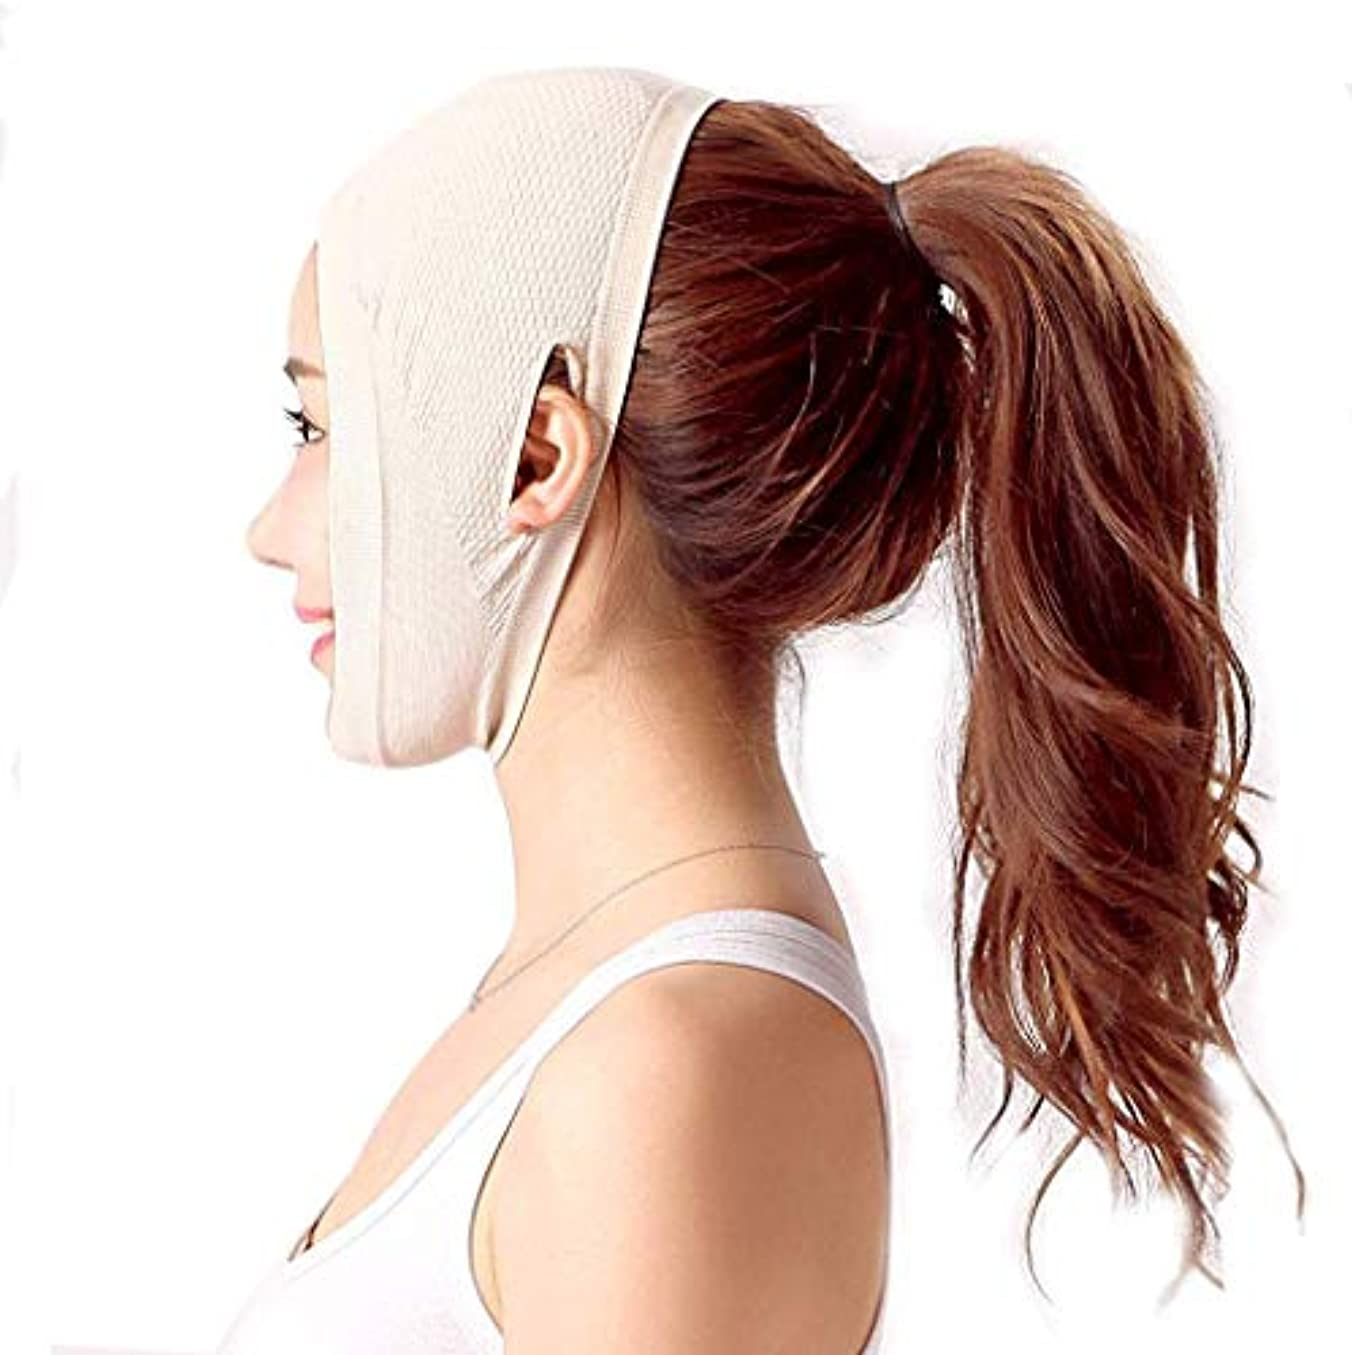 警戒基準合わせてSlim身Vフェイスマスク、整形手術病院ライン彫刻術後回復ヘッドギア医療マスク睡眠Vフェイスリフティング包帯薄いフェイスマスク(色:肌のトーン(A))